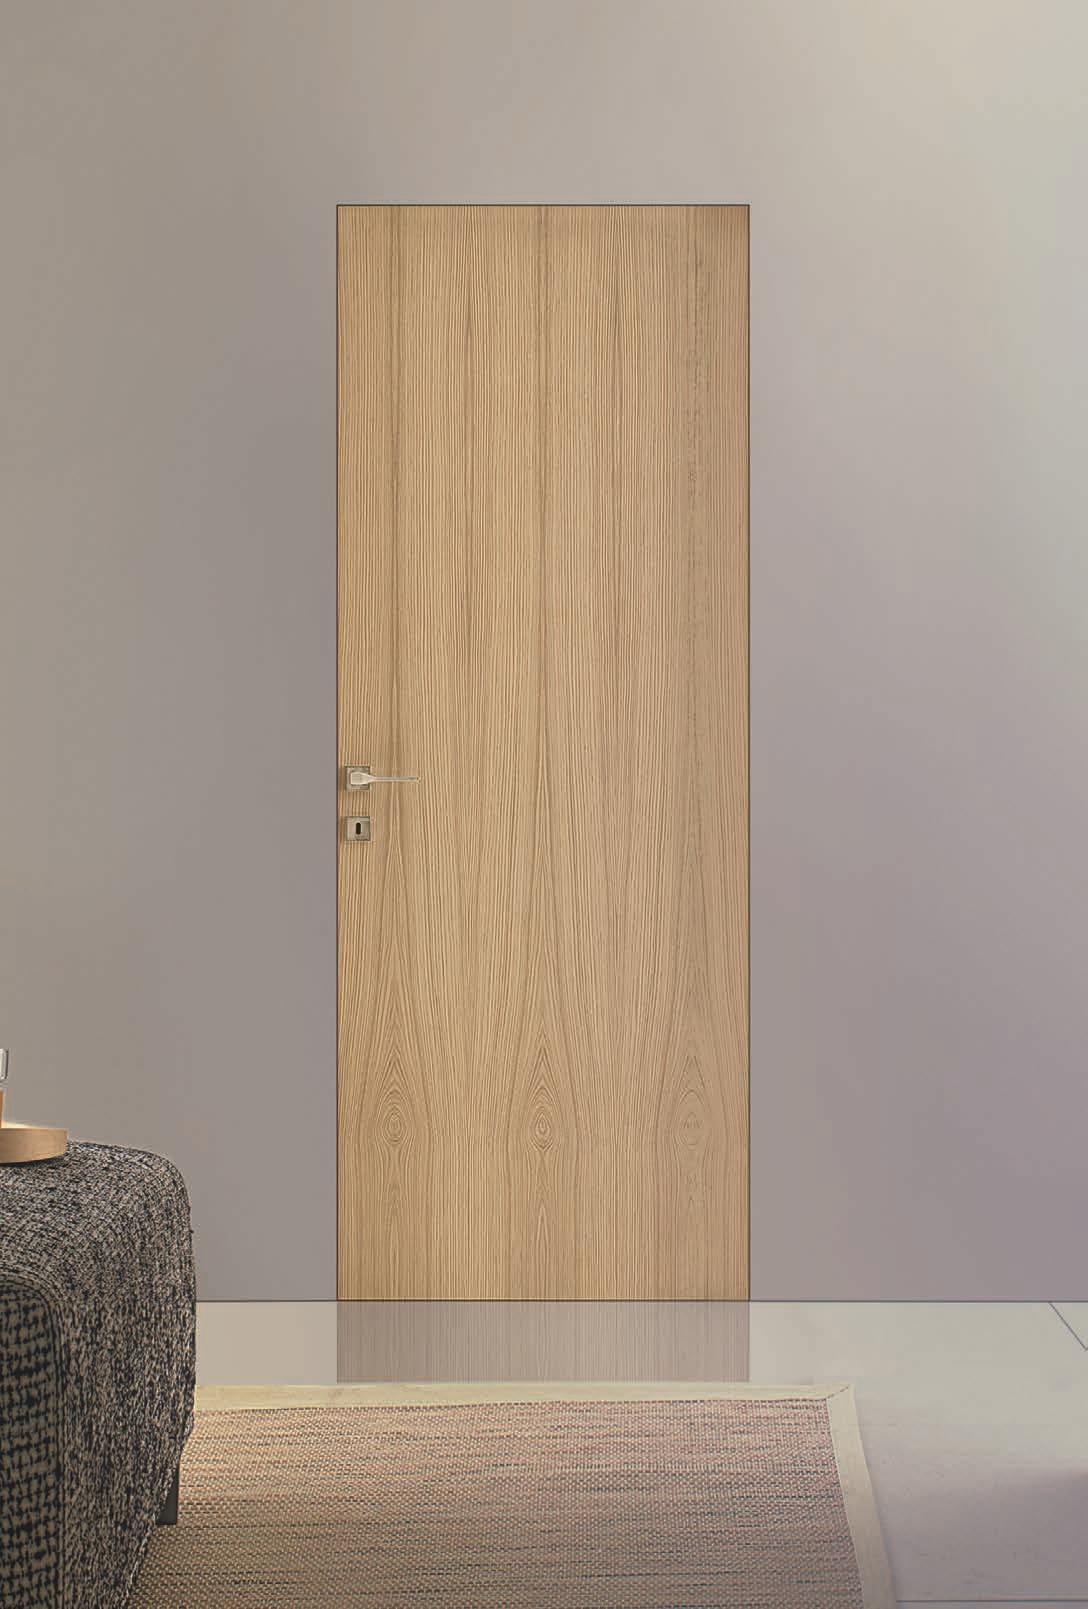 Porte filo muro prezzi idee di design per la casa - Porta a filo muro prezzi ...